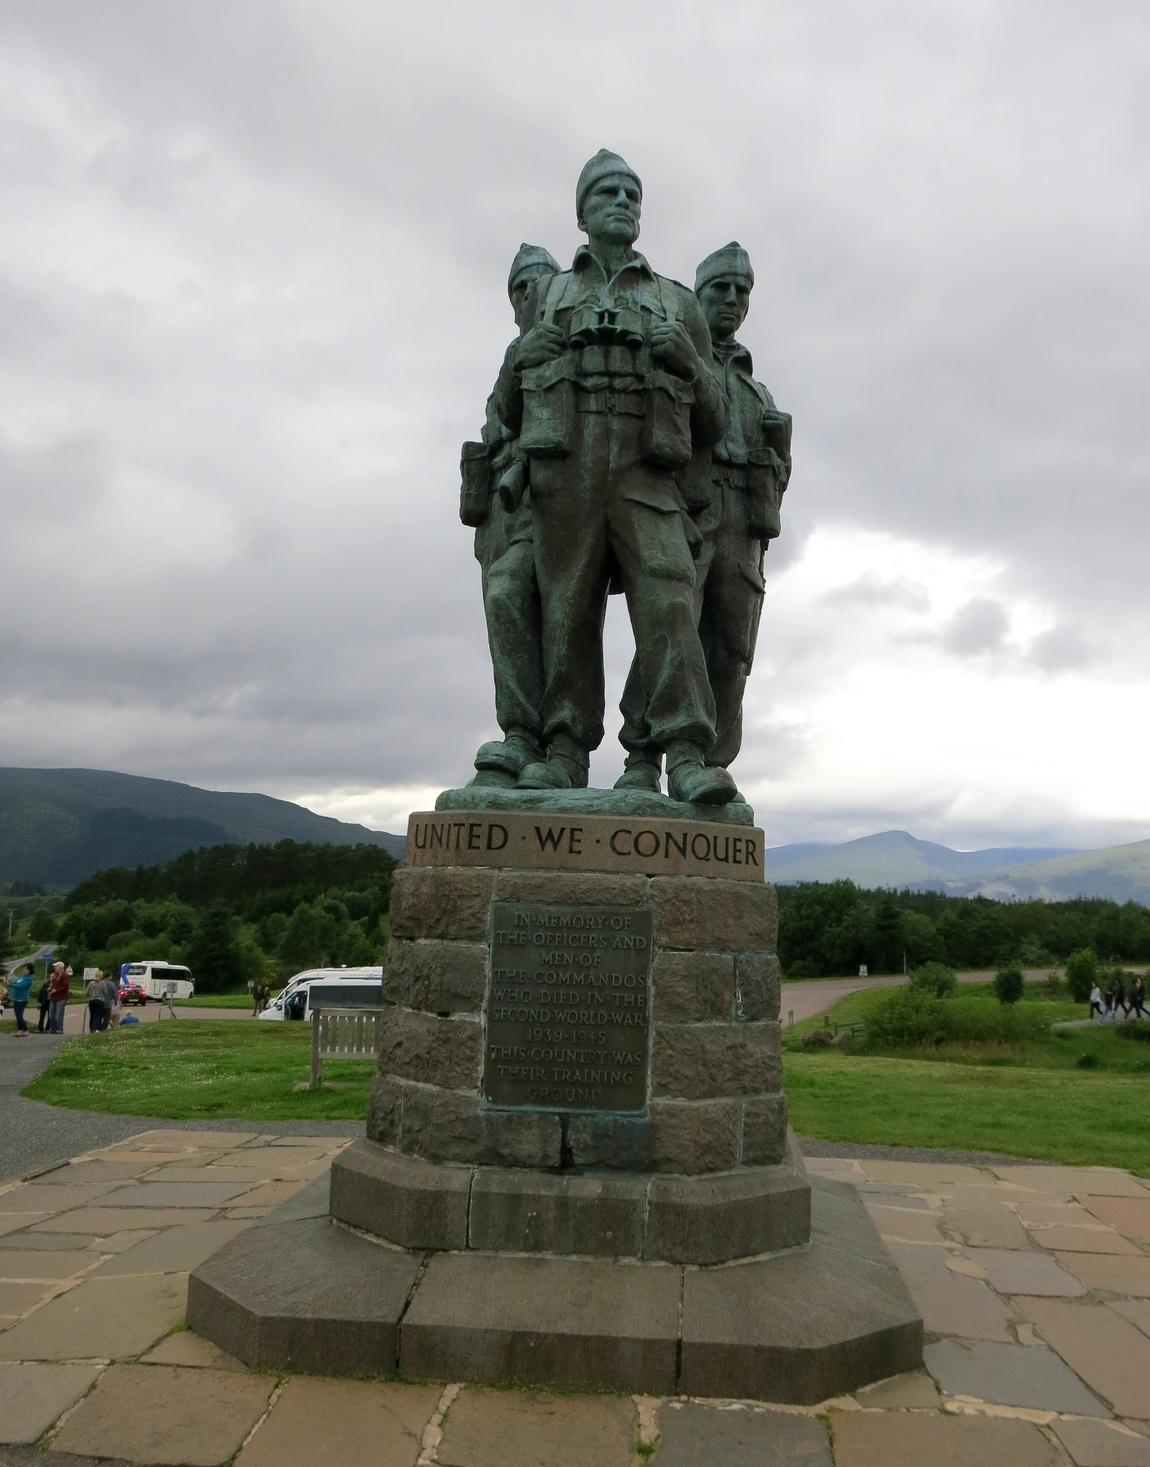 Монумент солдатам, погибшим во Второй Мировой войне, Шотландия